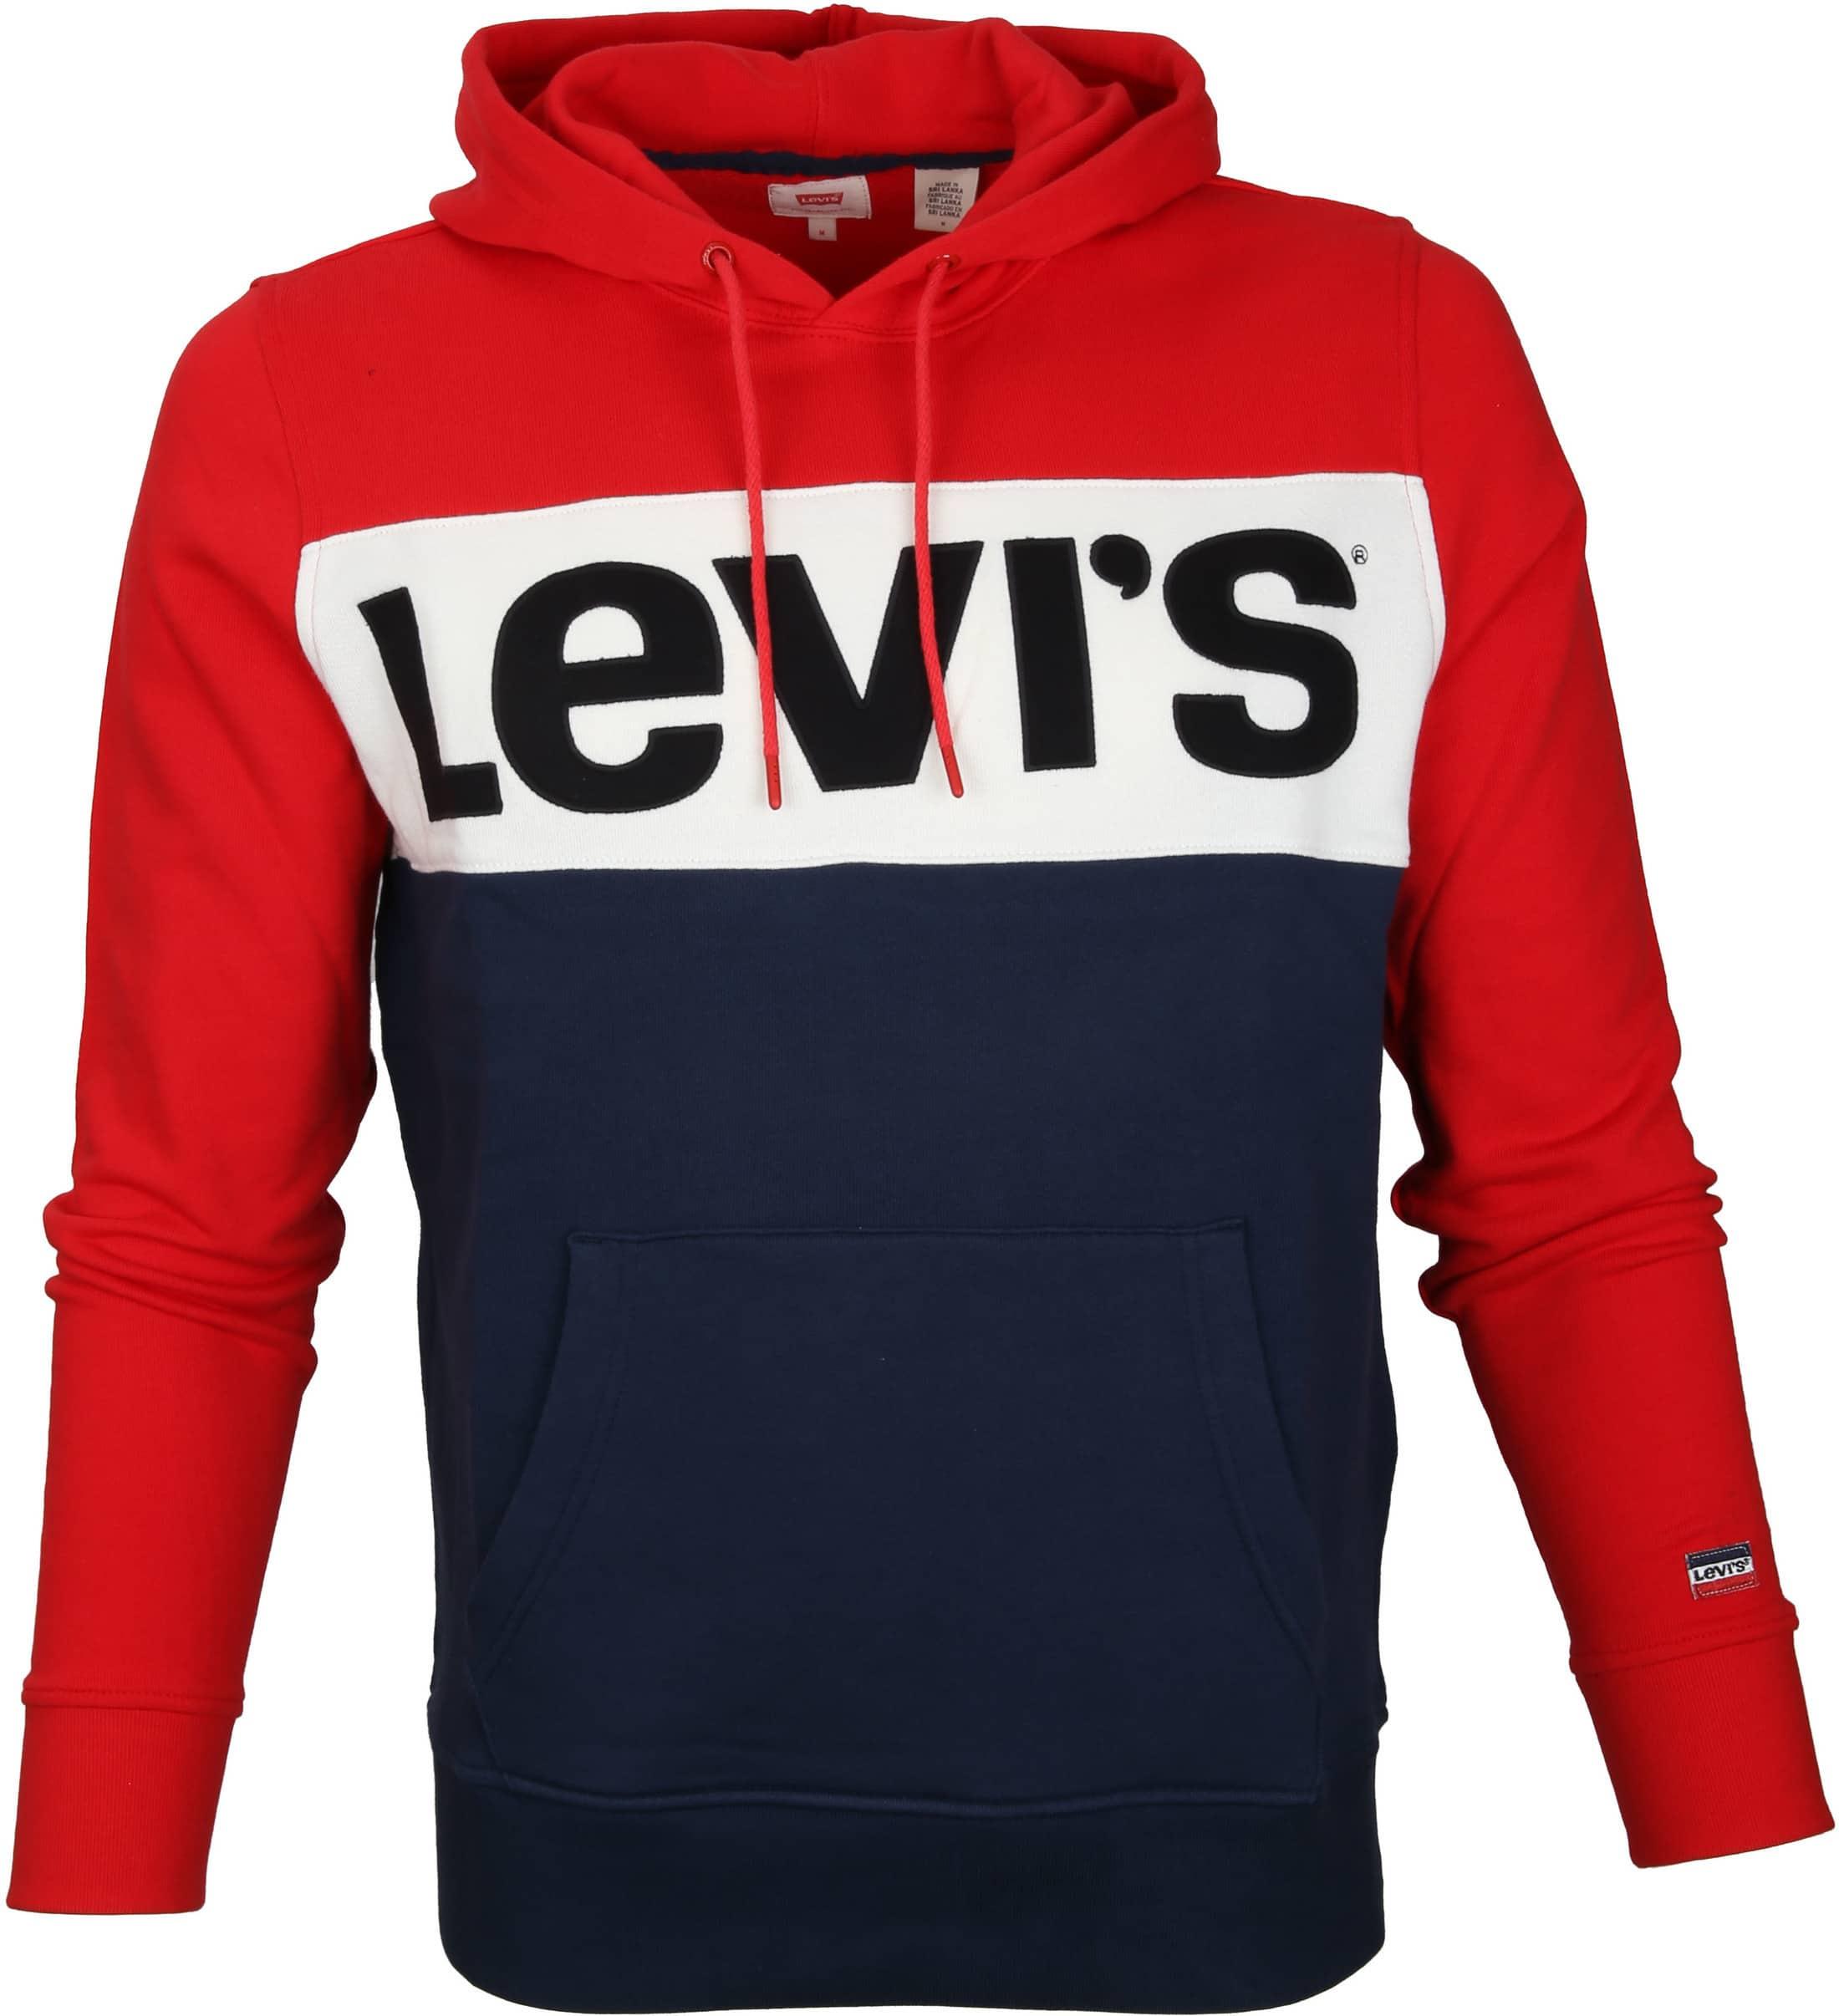 Levi's Sweater Colorblock foto 0